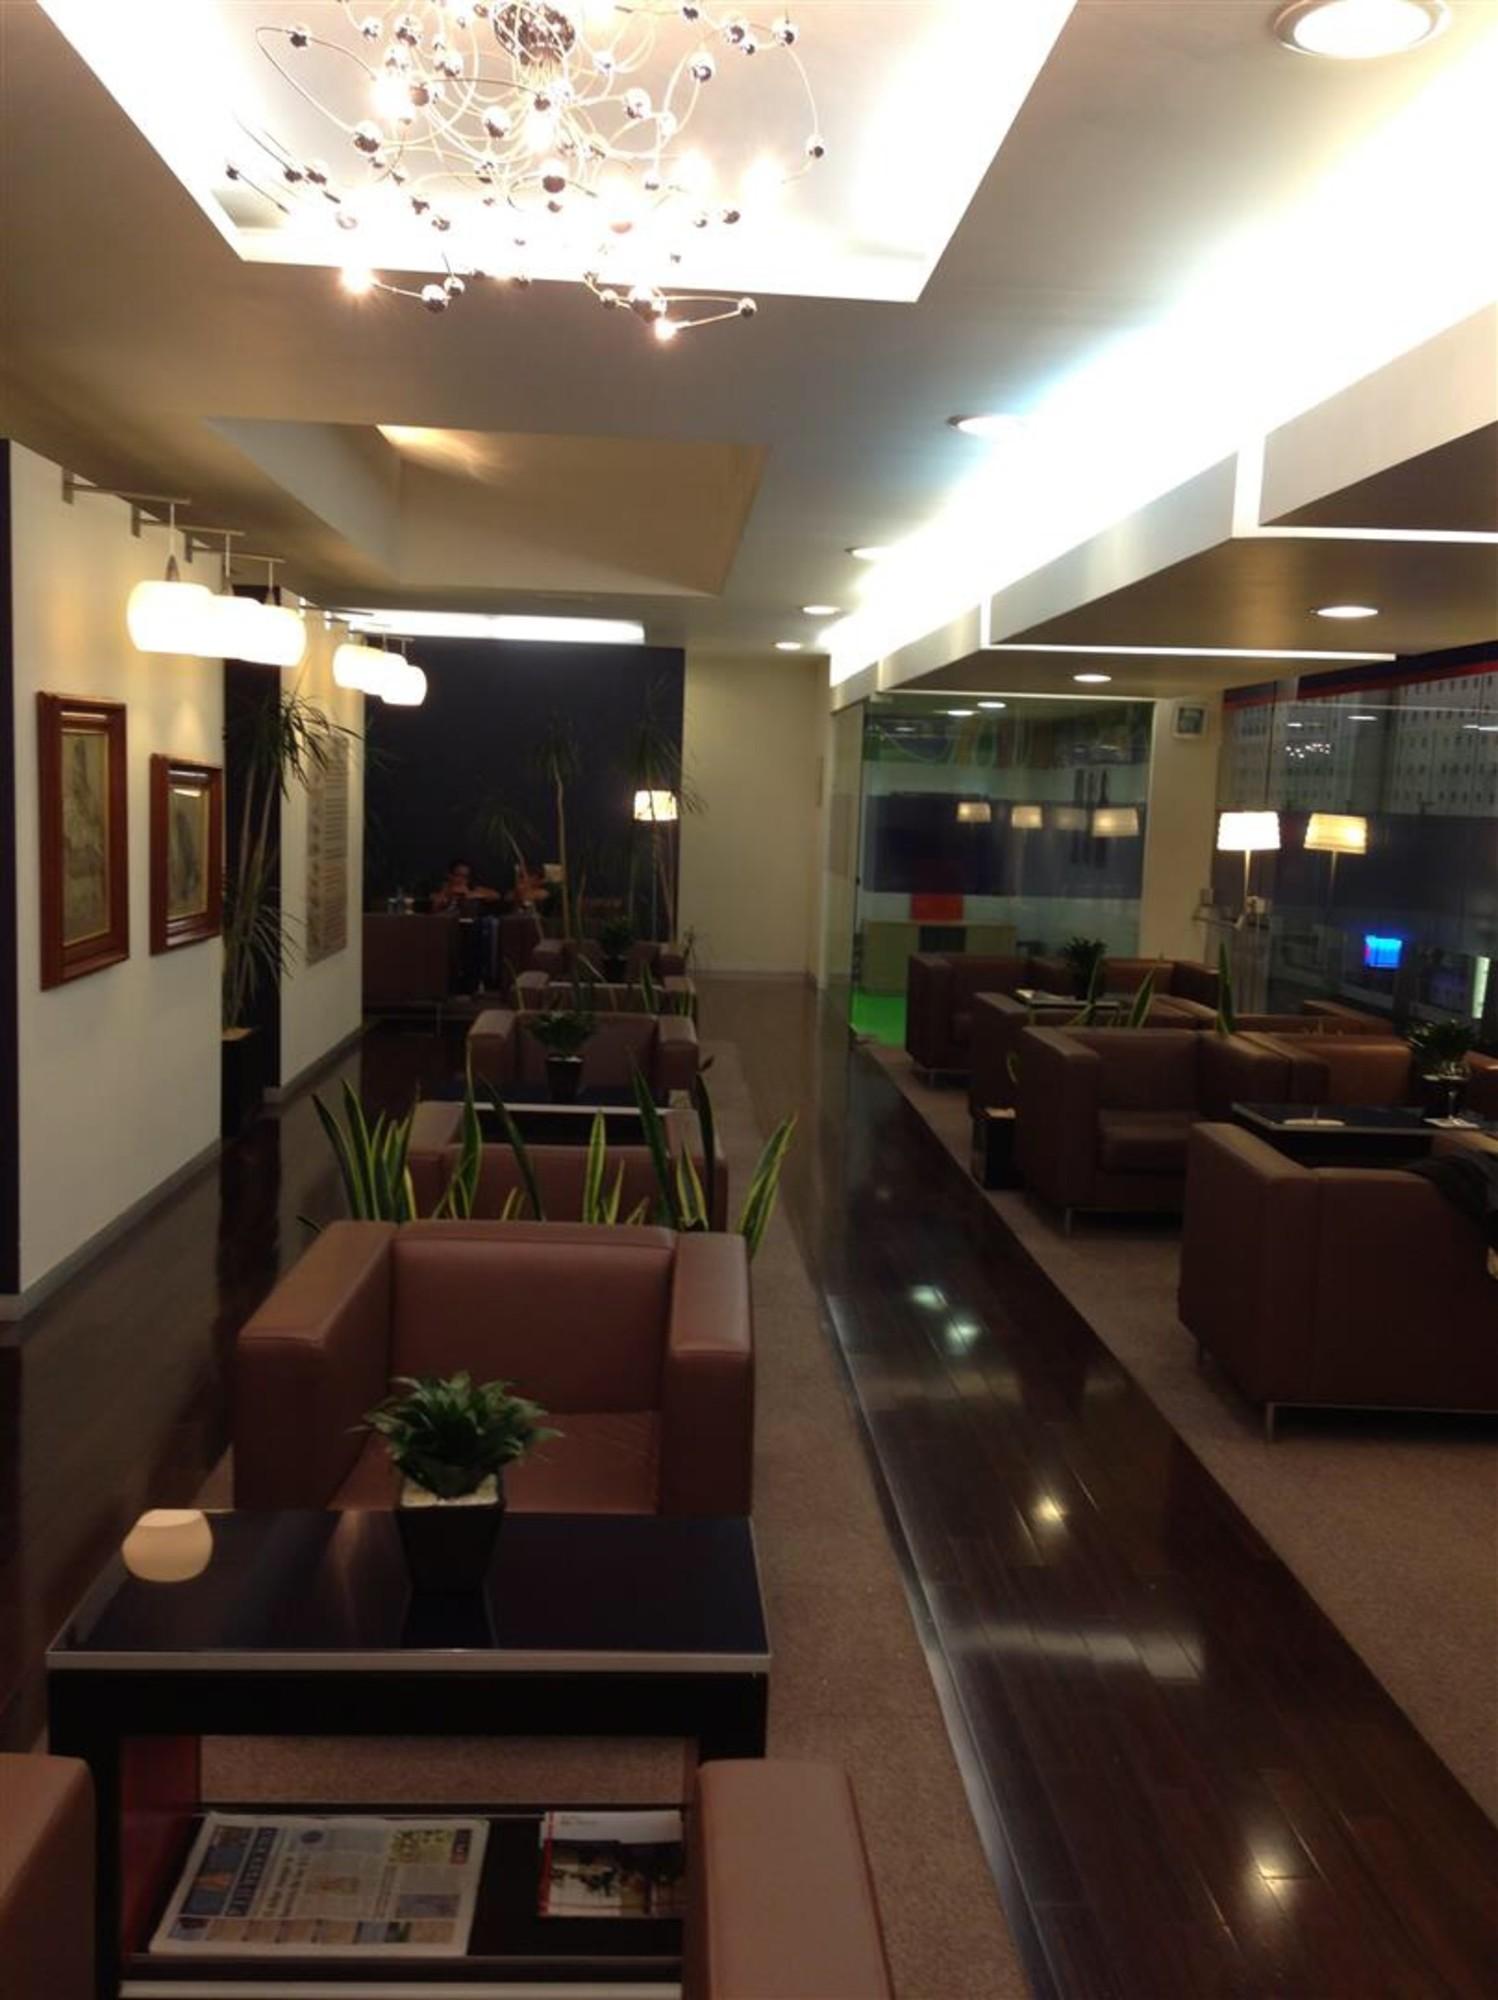 MEX: Elite Lounge Mastercard Reviews & Photos - Terminal 1 ...